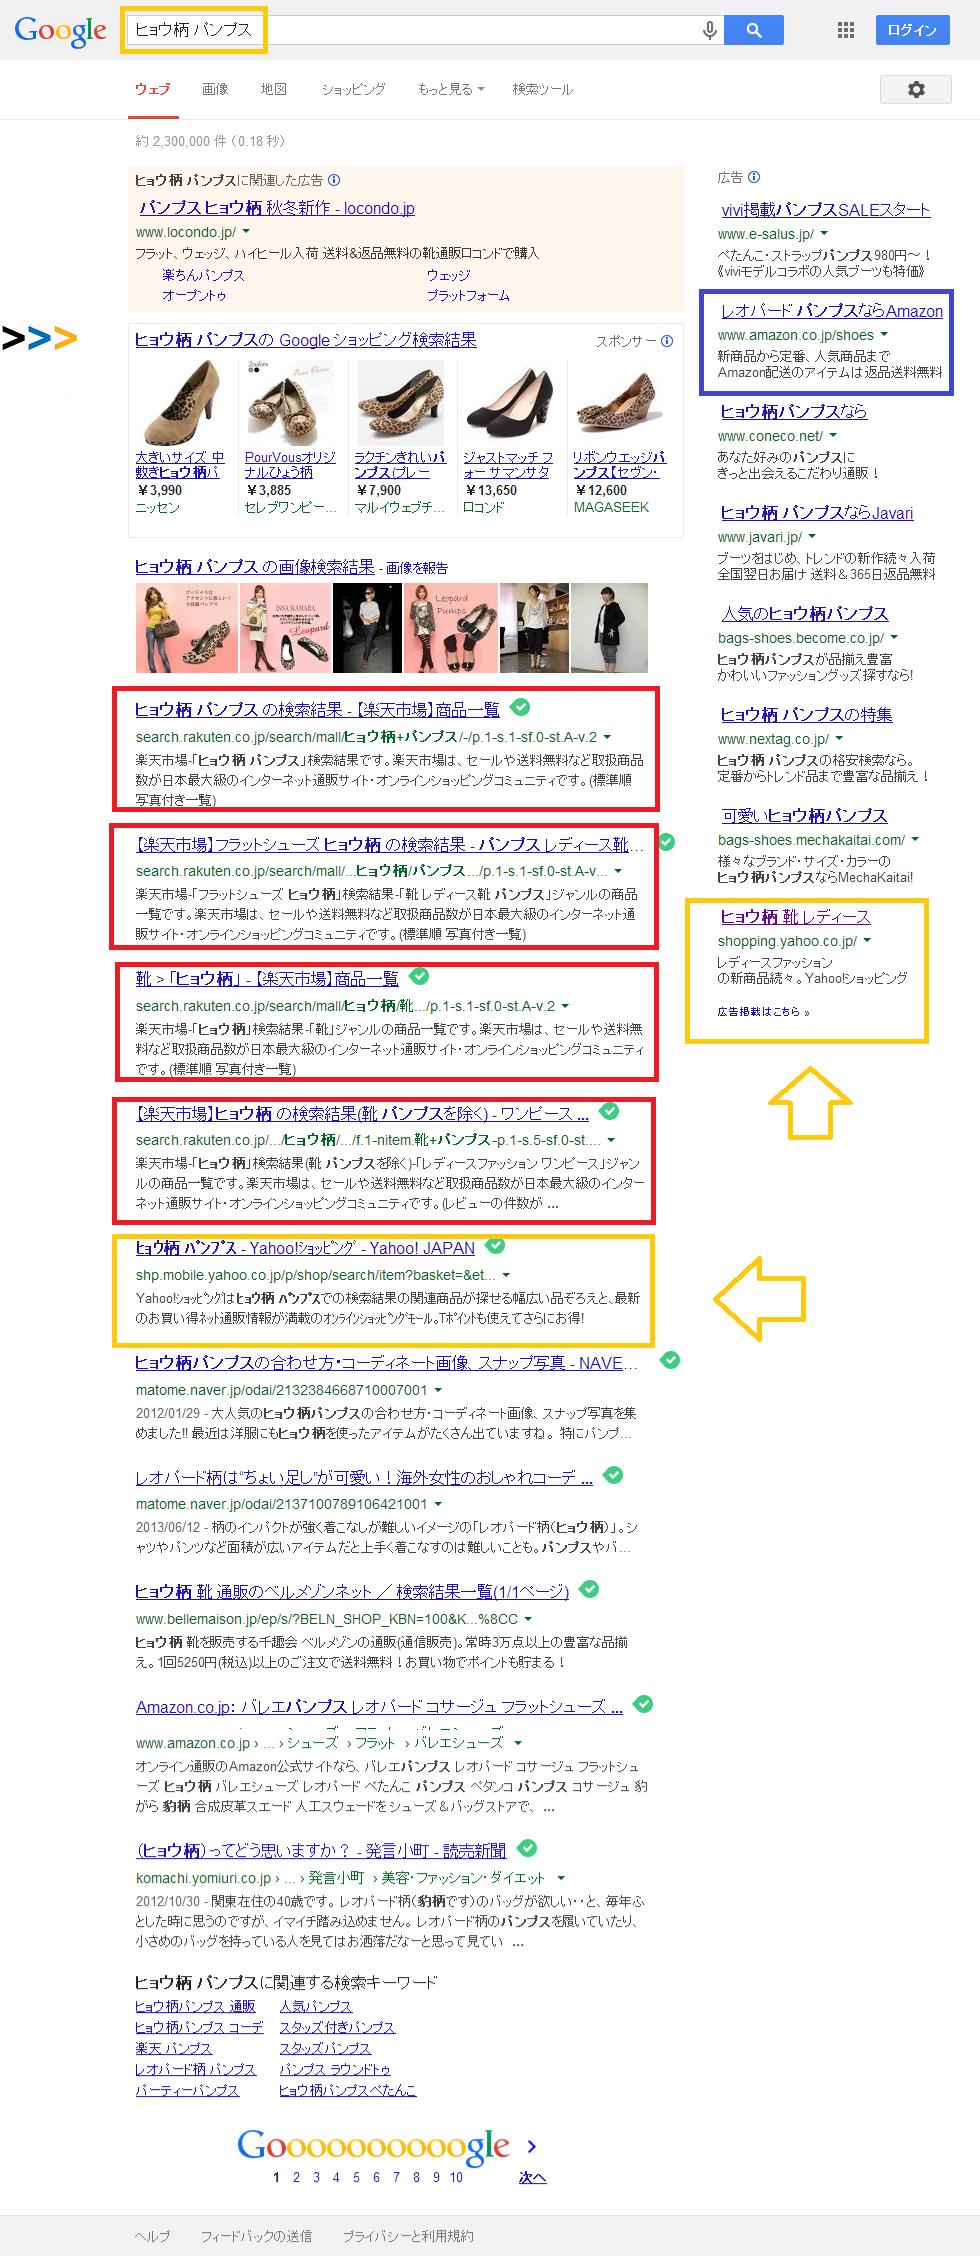 ヒョウ柄 パンプス   Google 検索_1_8_2014.png